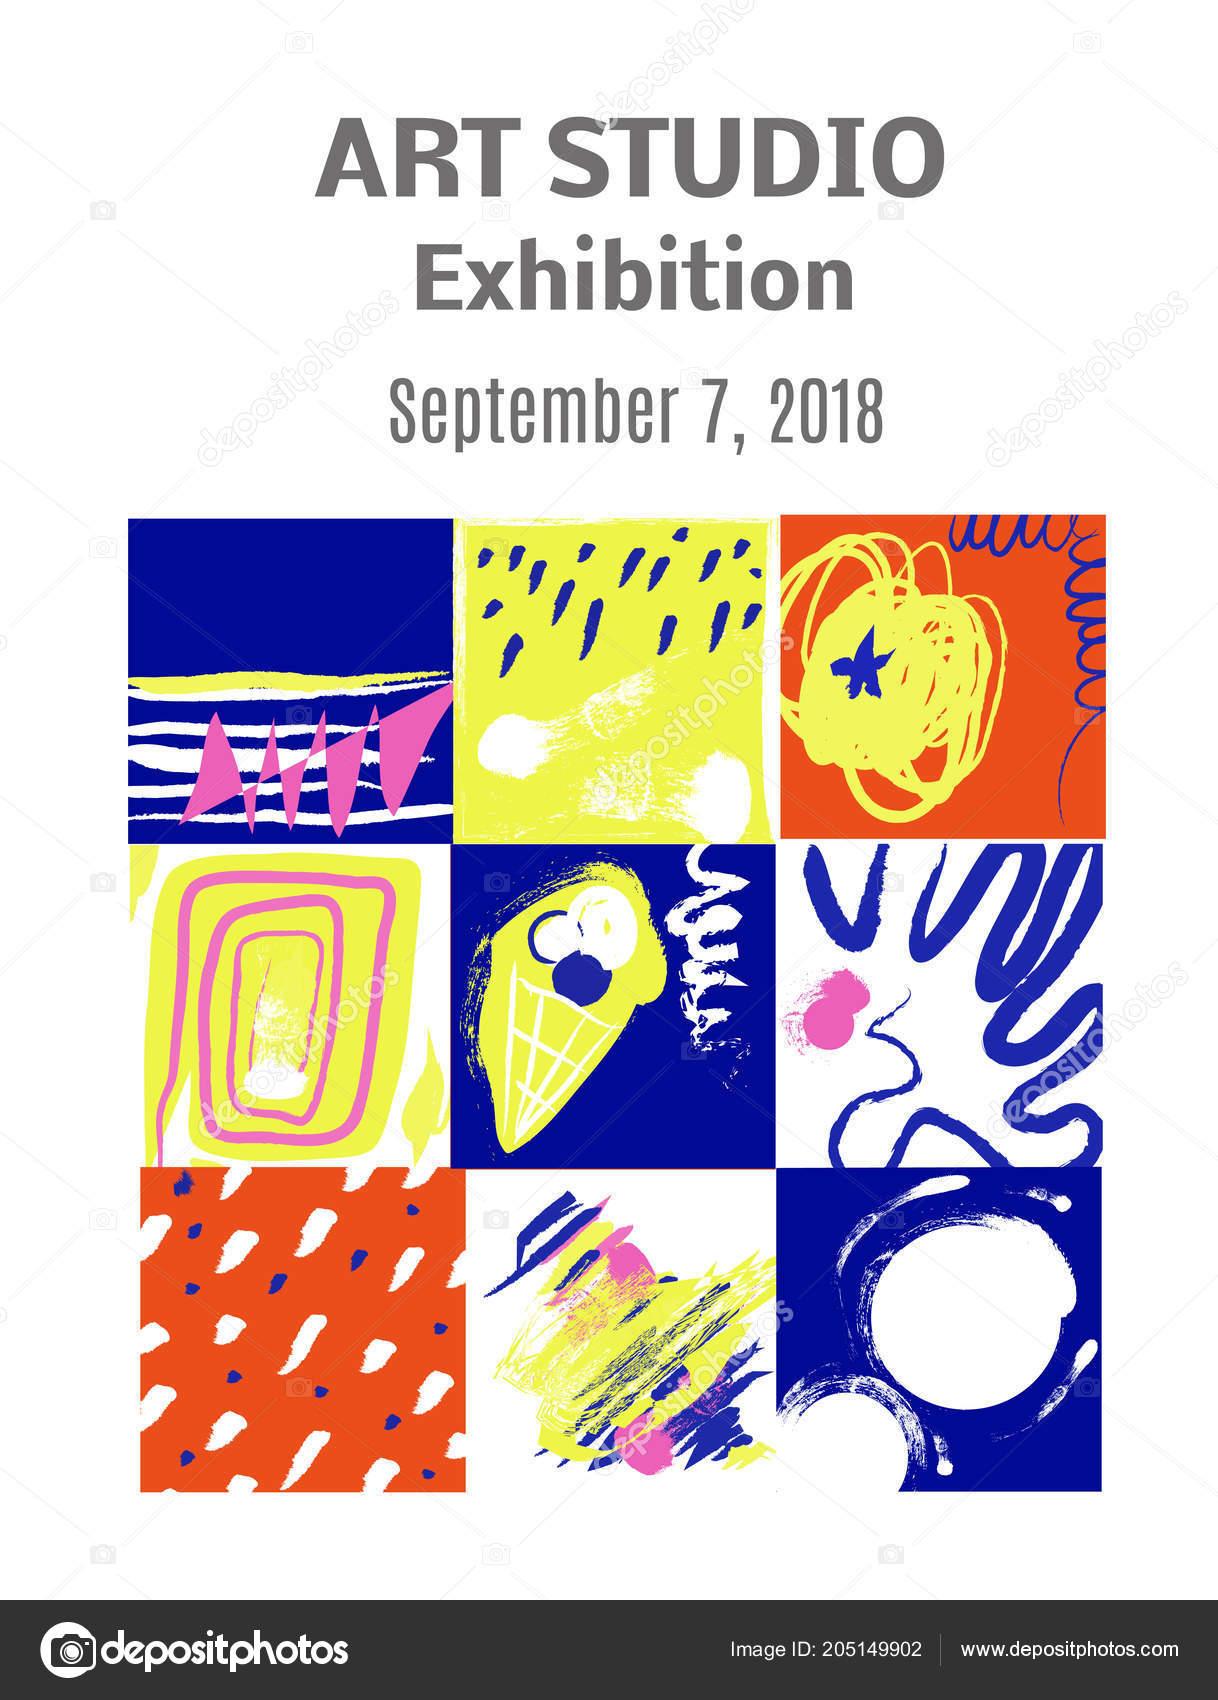 Moderne Kunst Gemälde Ausstellung Einladung Entwurf Mit Bildern Und